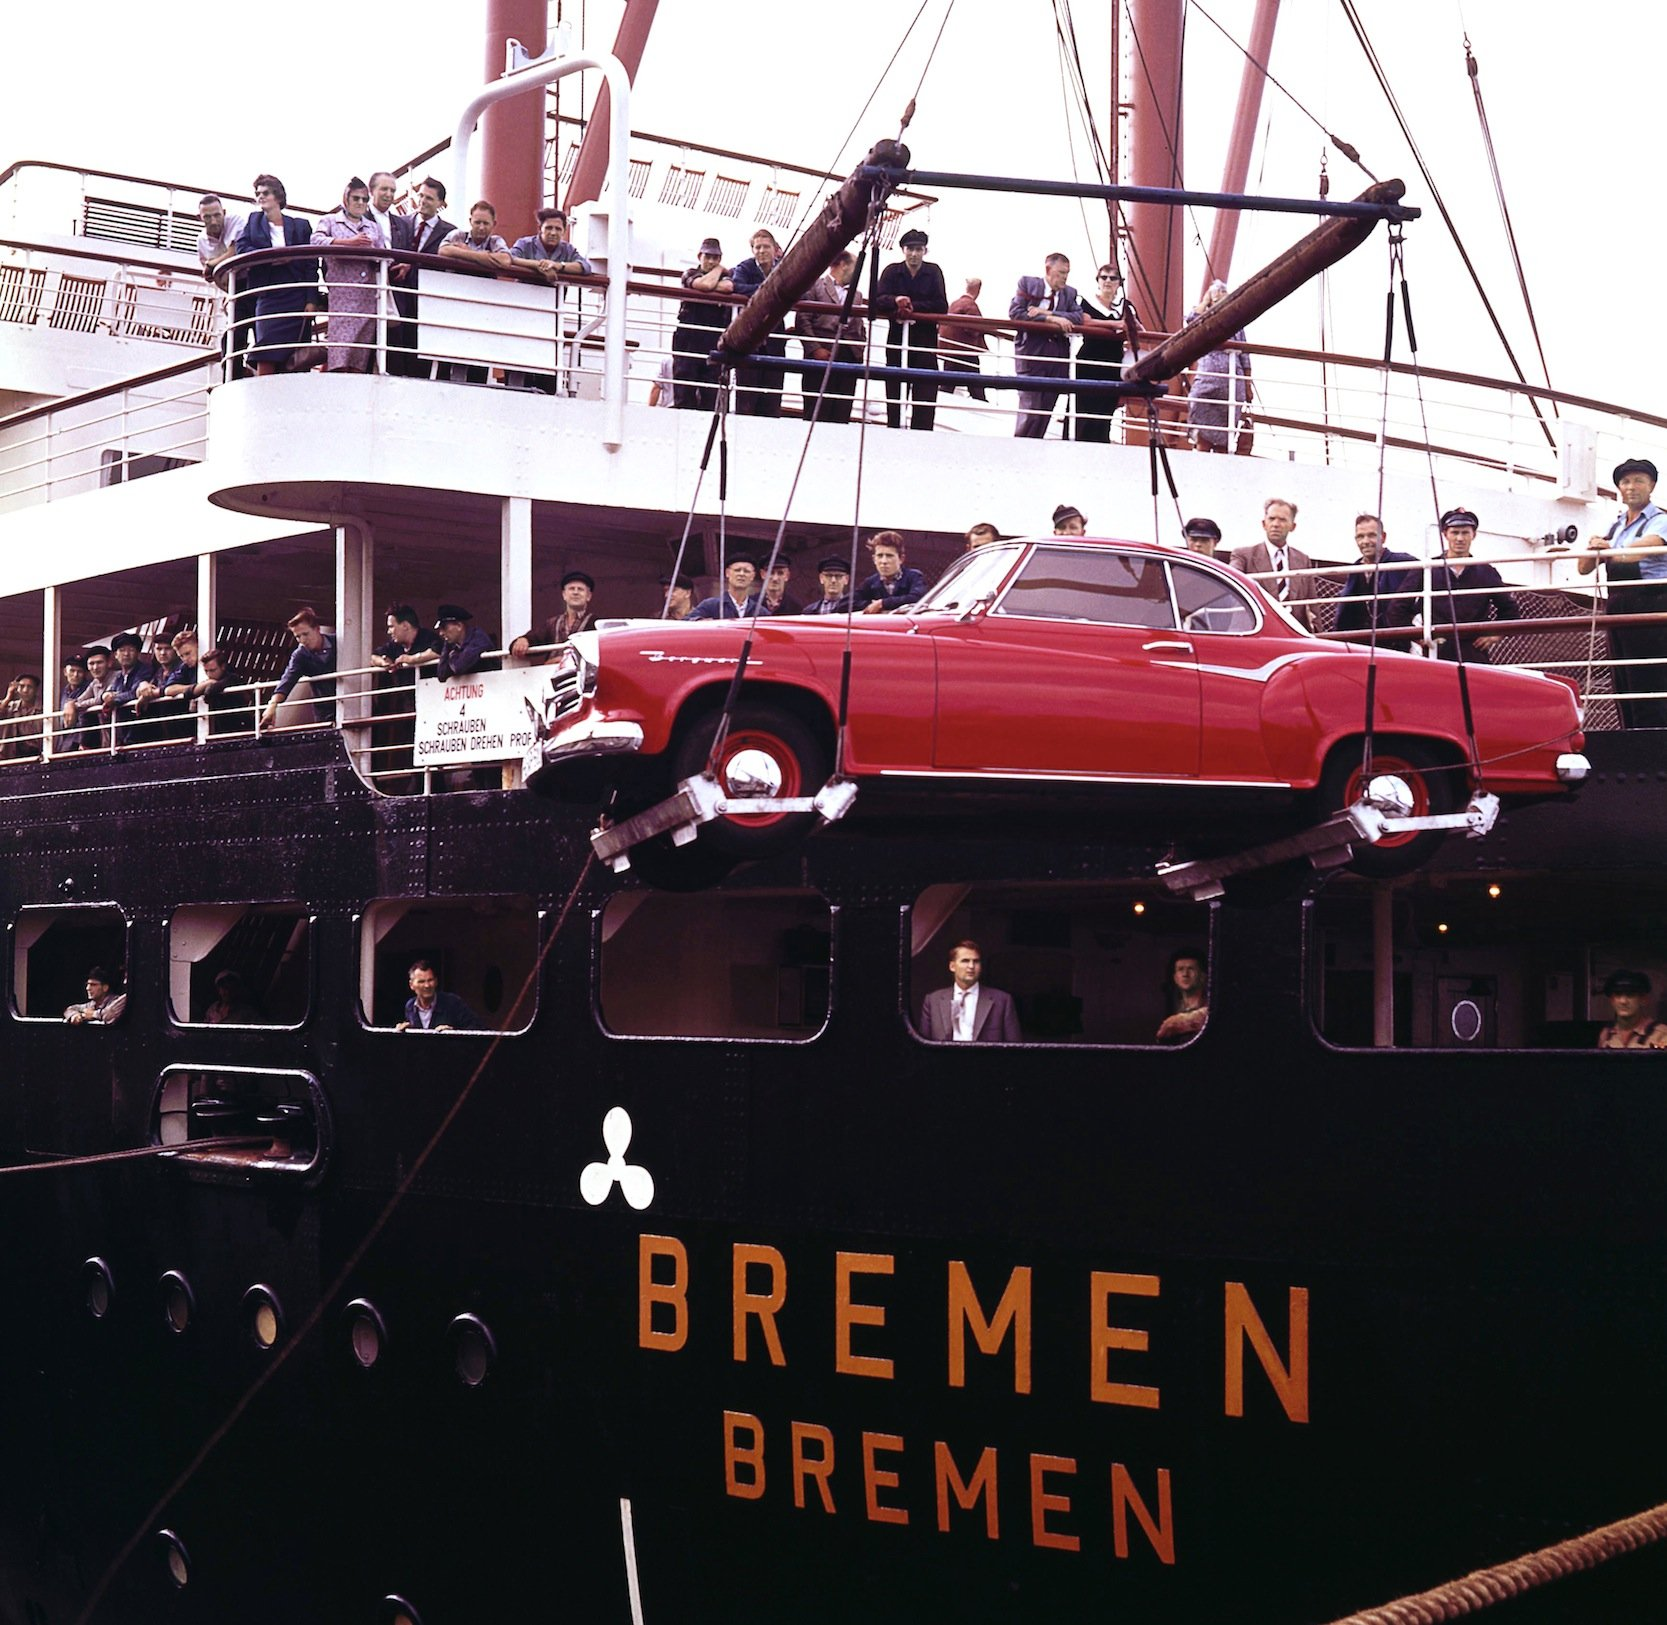 Die Nähe zum Bremer Überseehafen war schon früher ein Argument für Borgward, um an der Weser Autos herzustellen.